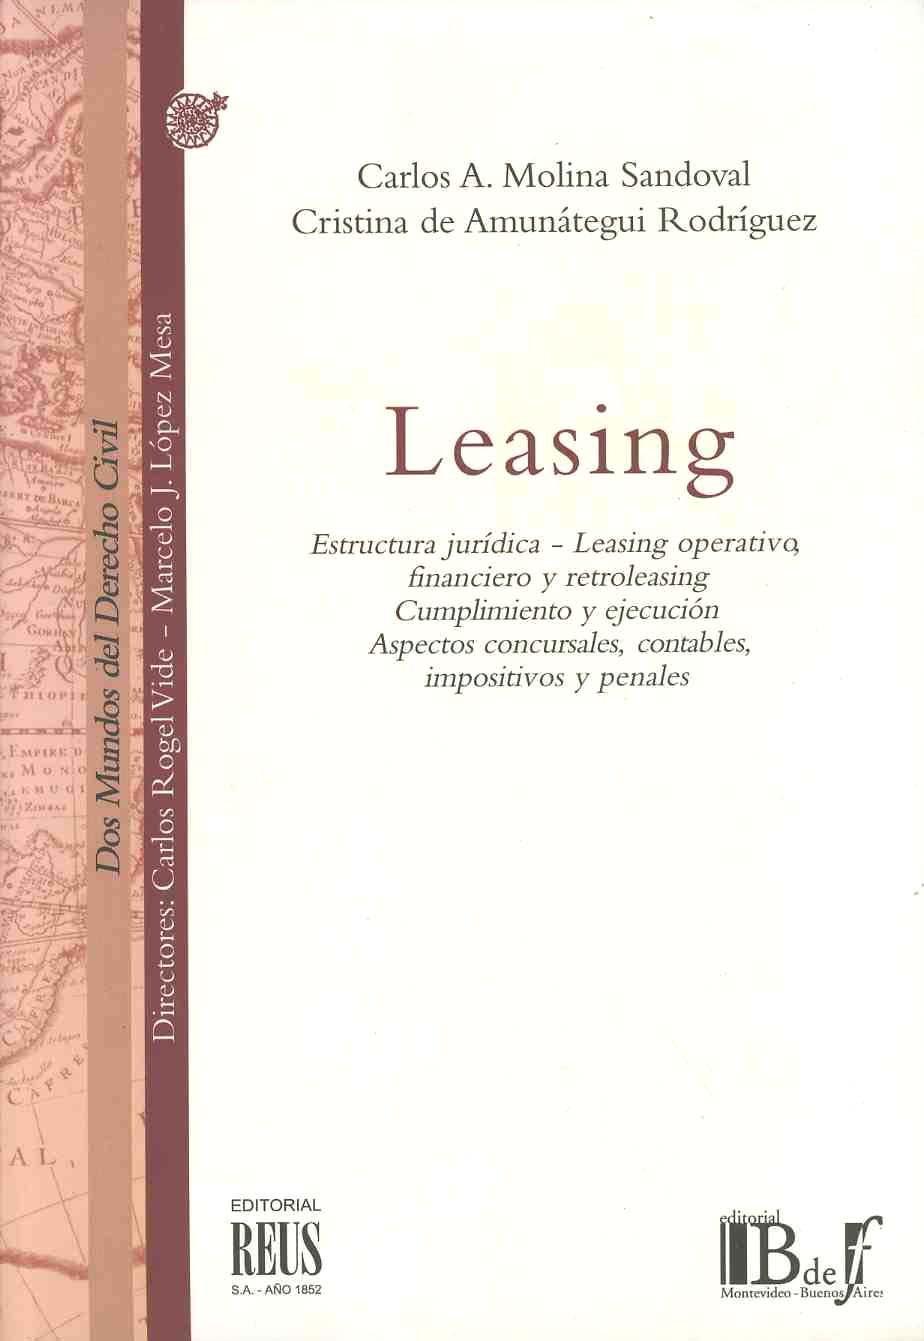 Leasing Estructura Jurídica Carlos A Molina Sandoval